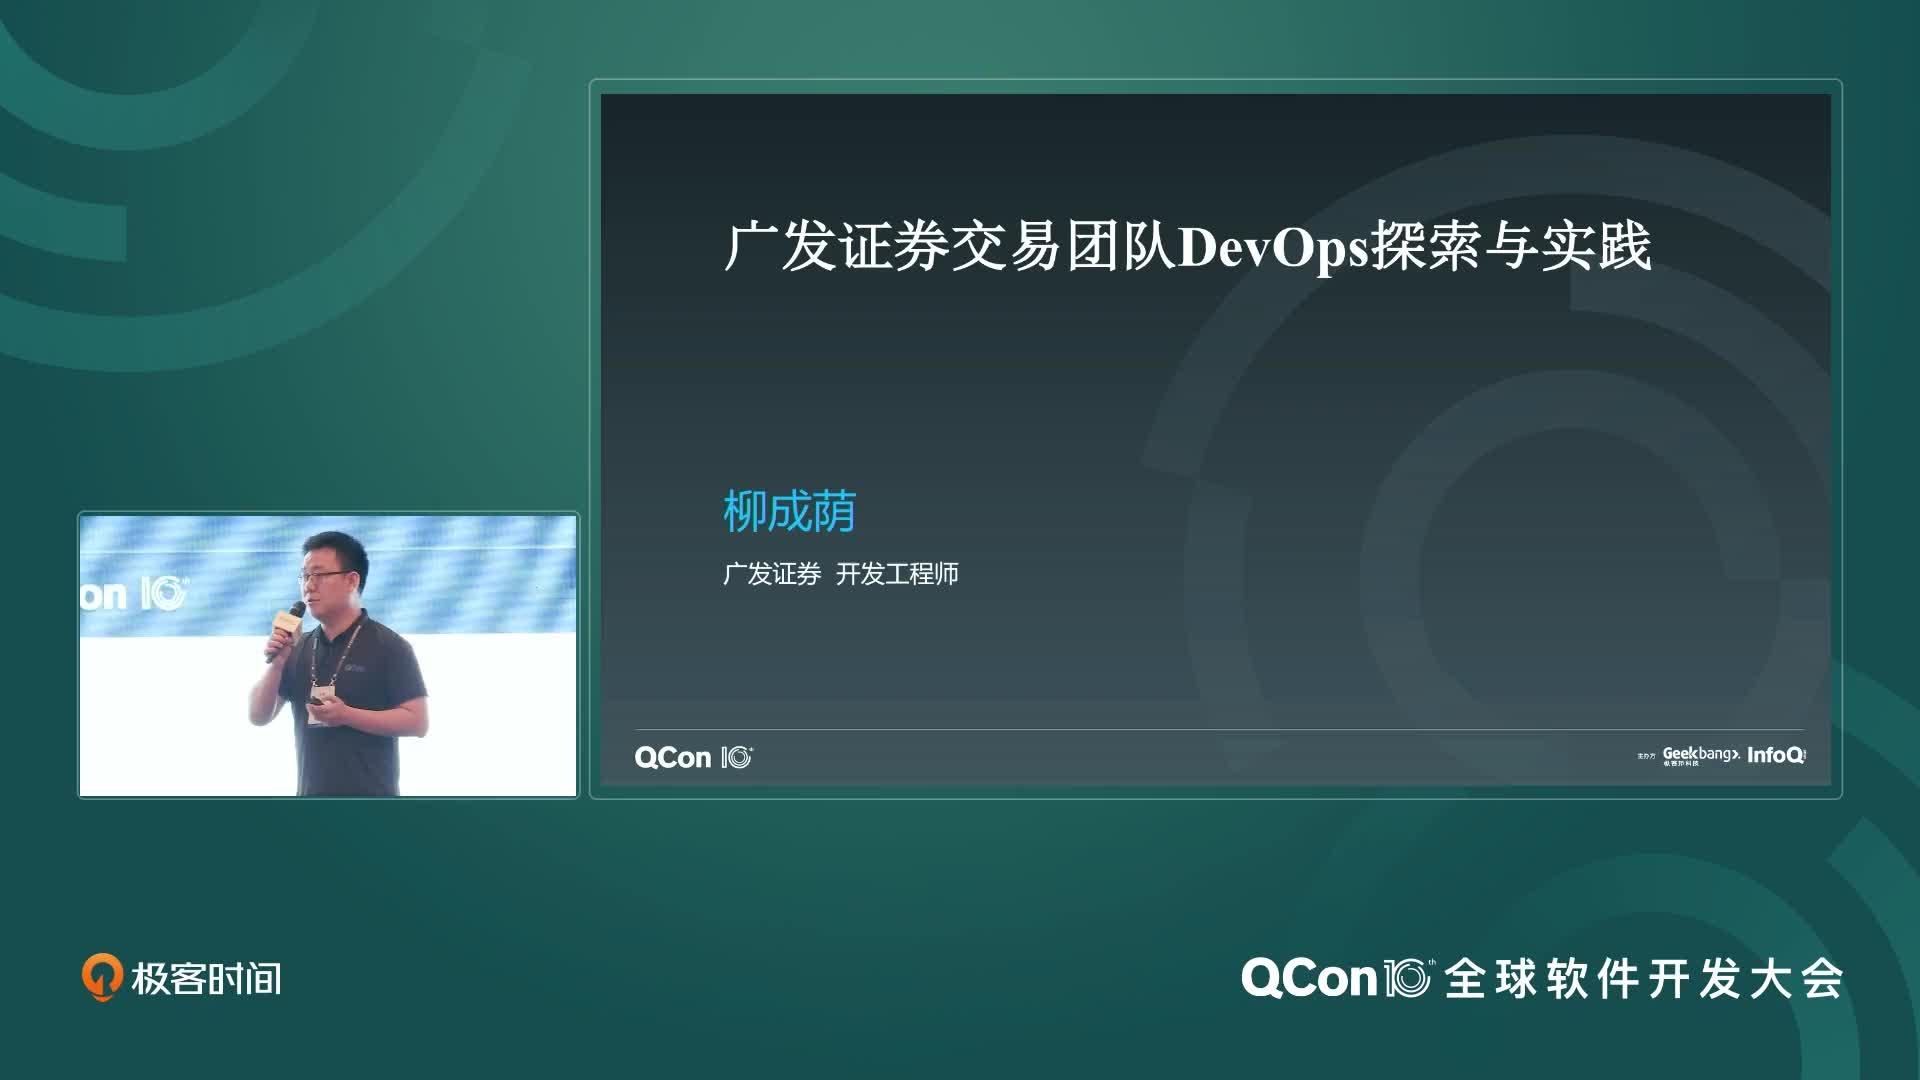 广发证券交易团队 DevOps 探索与实践丨QCon